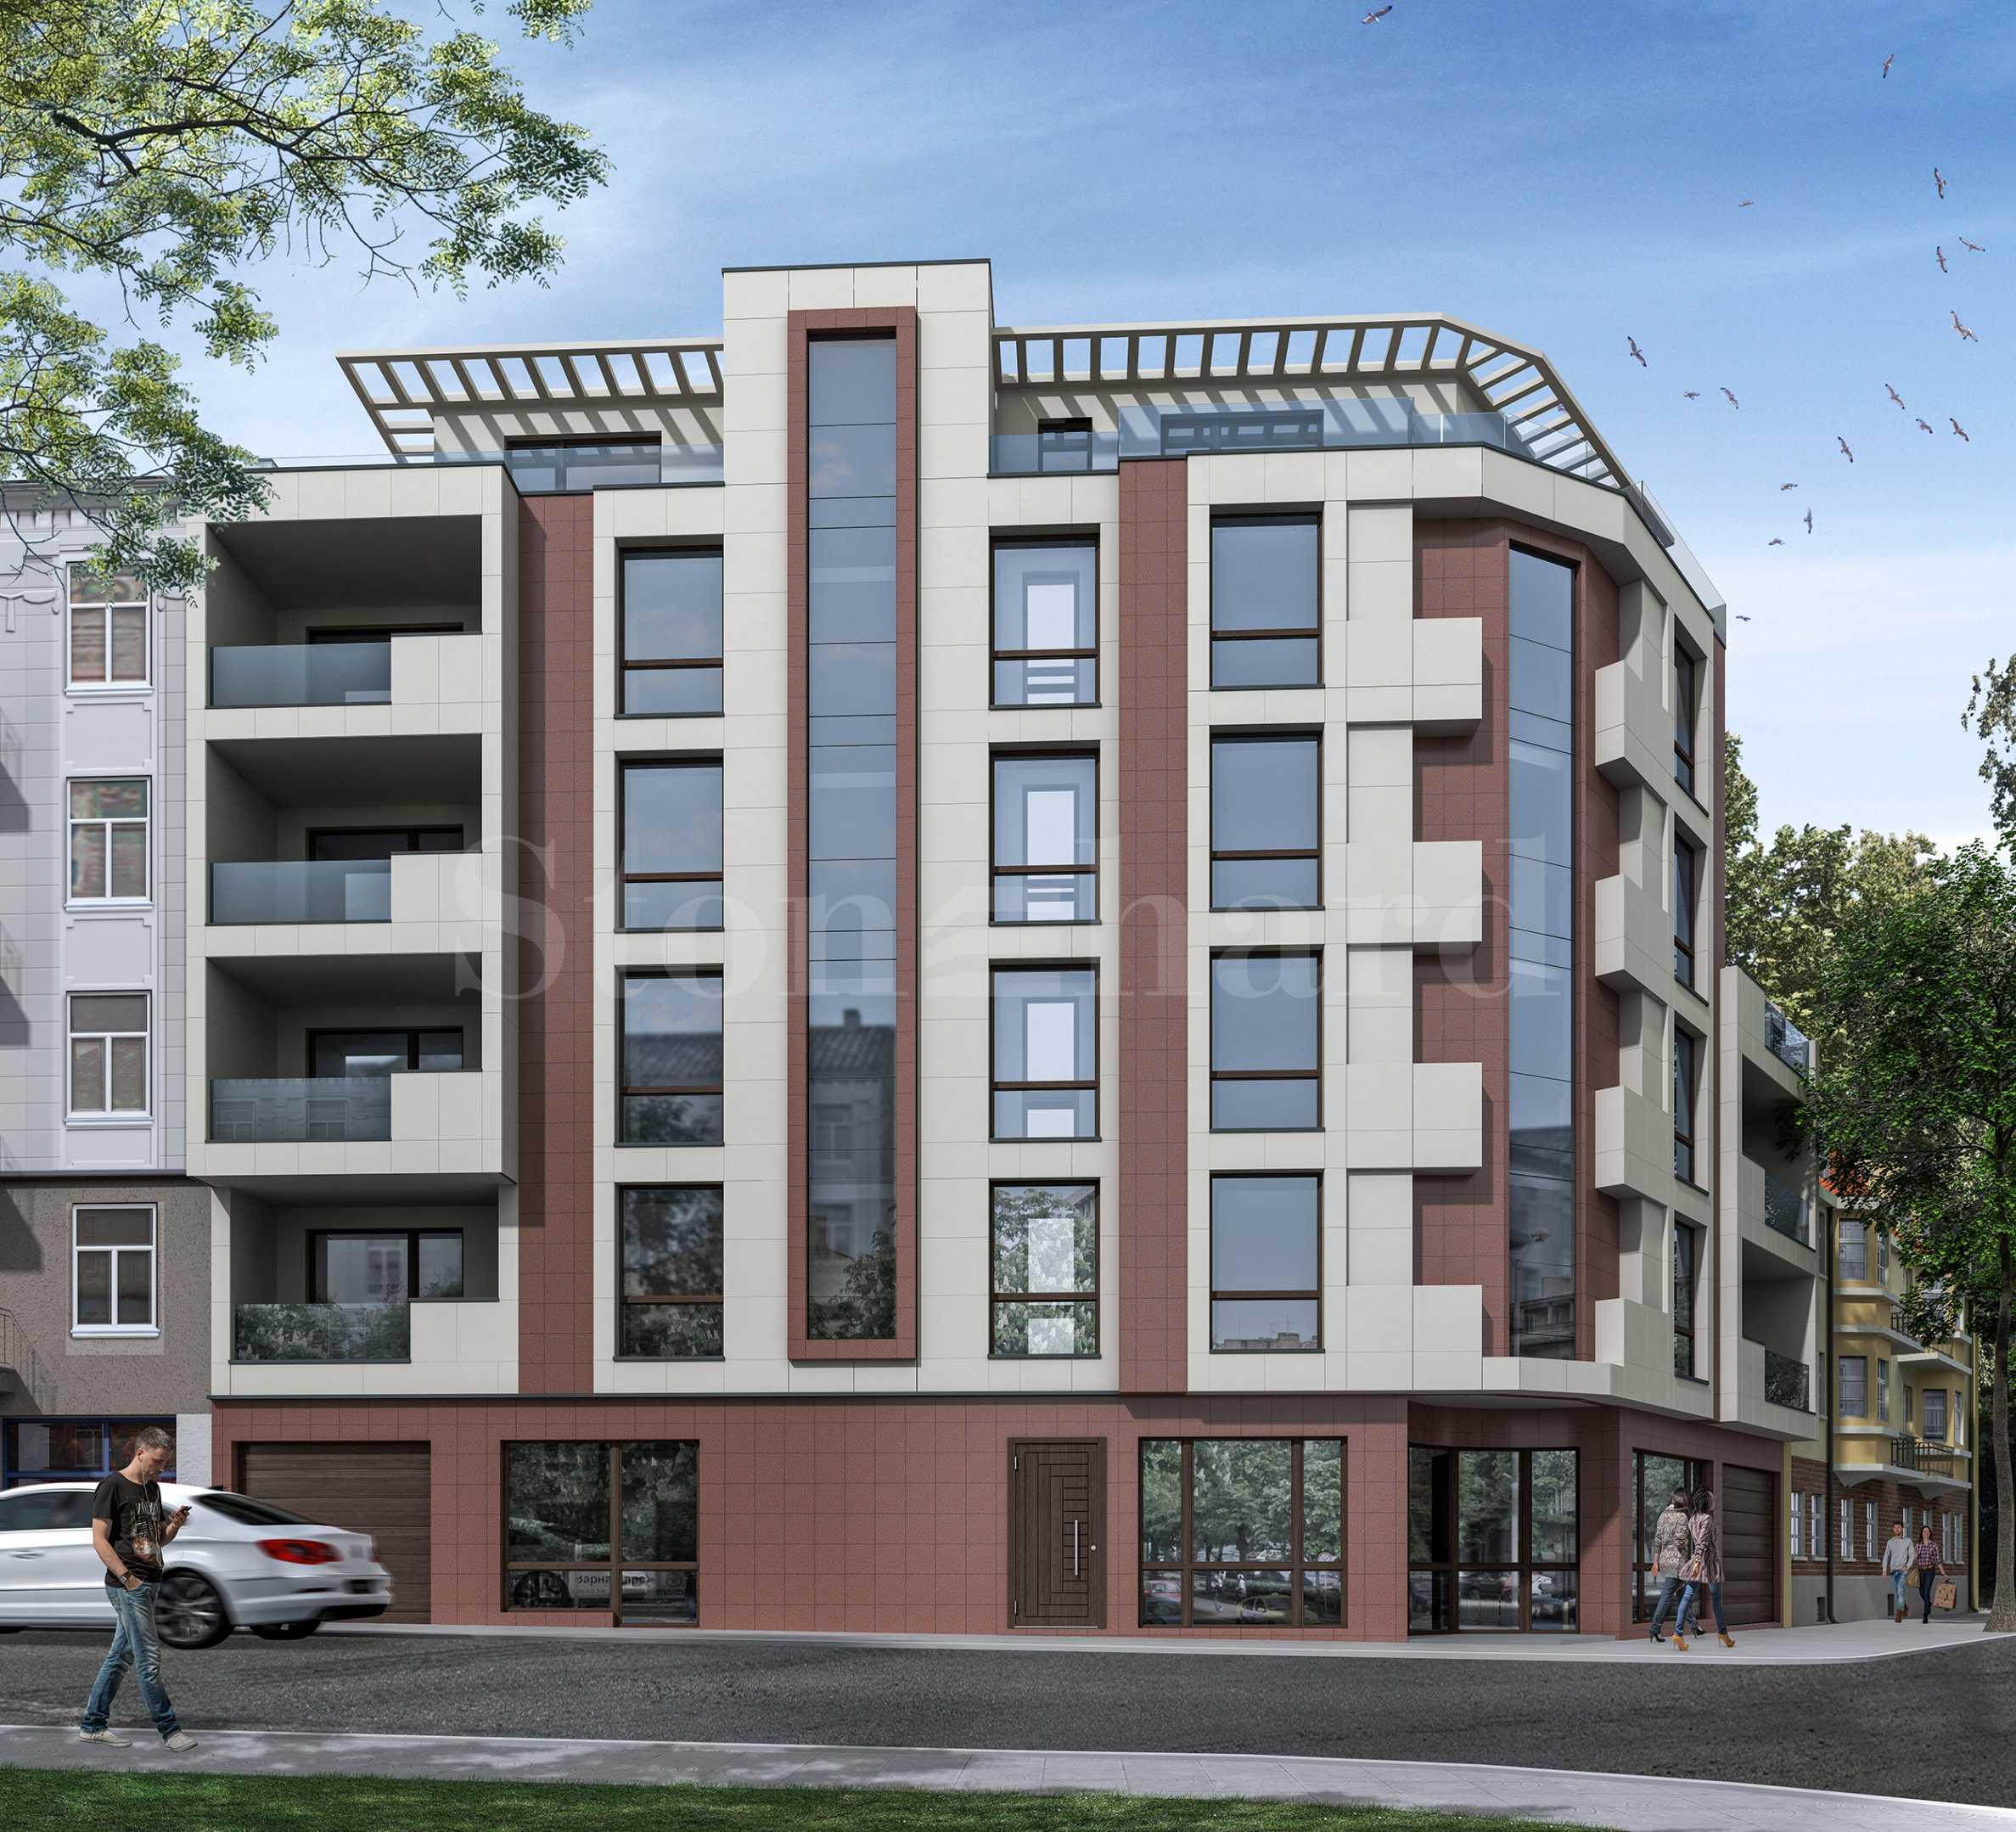 Сграда с модерна визия с апартаменти и паркоместа в центъра на Варна2 - Stonehard